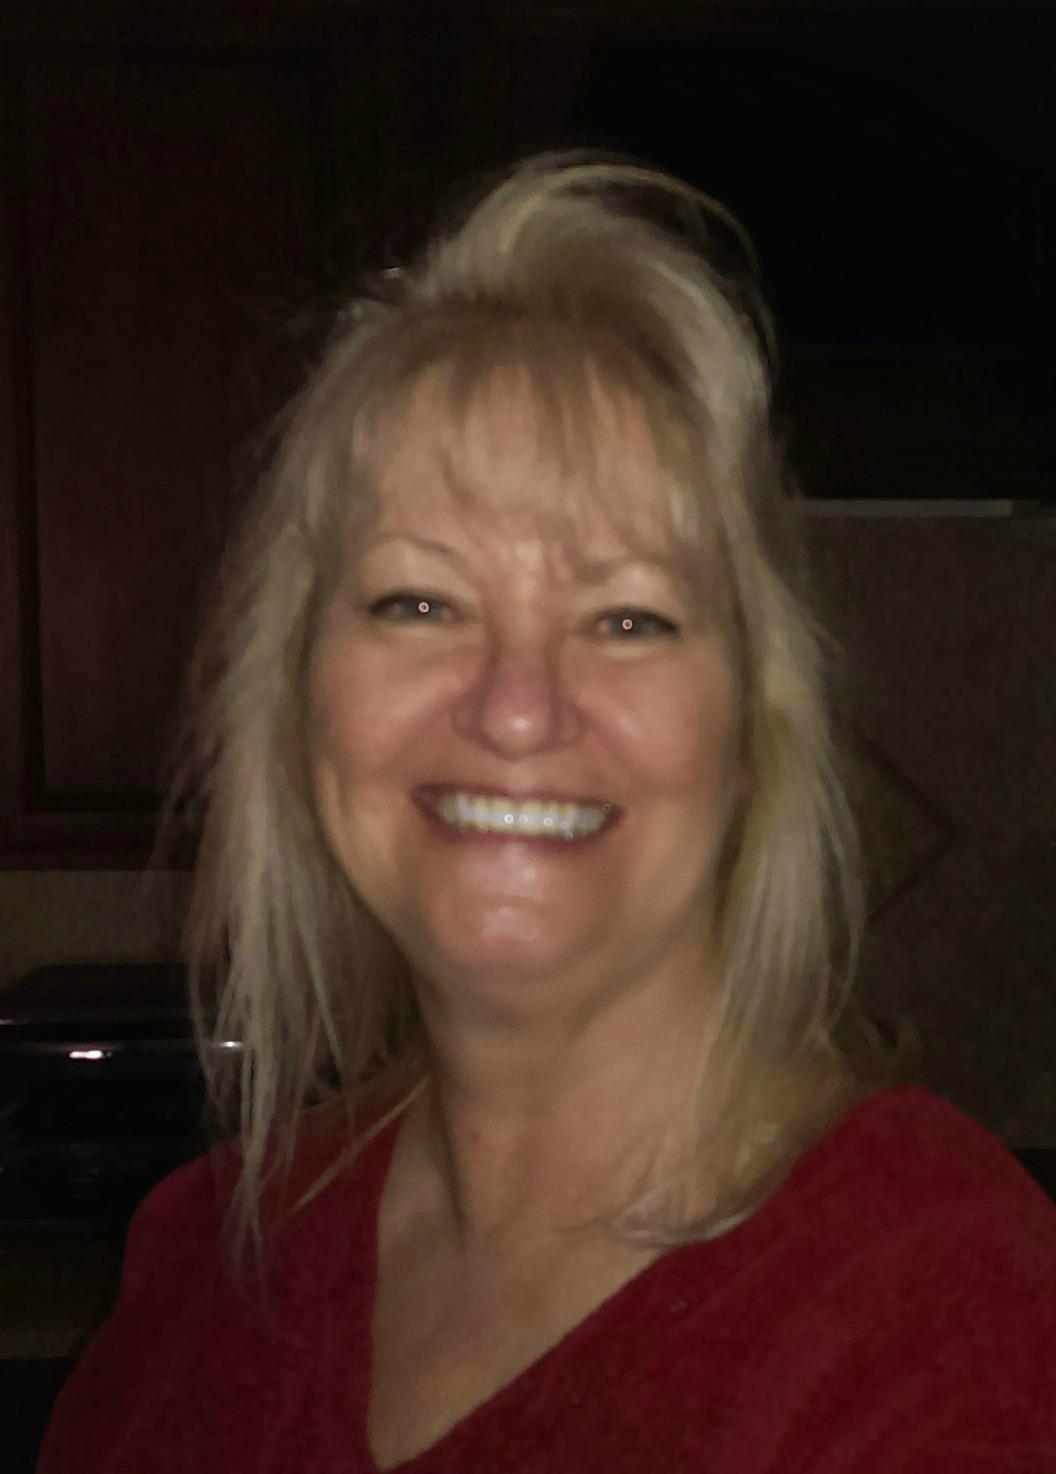 Leslie, Team 2